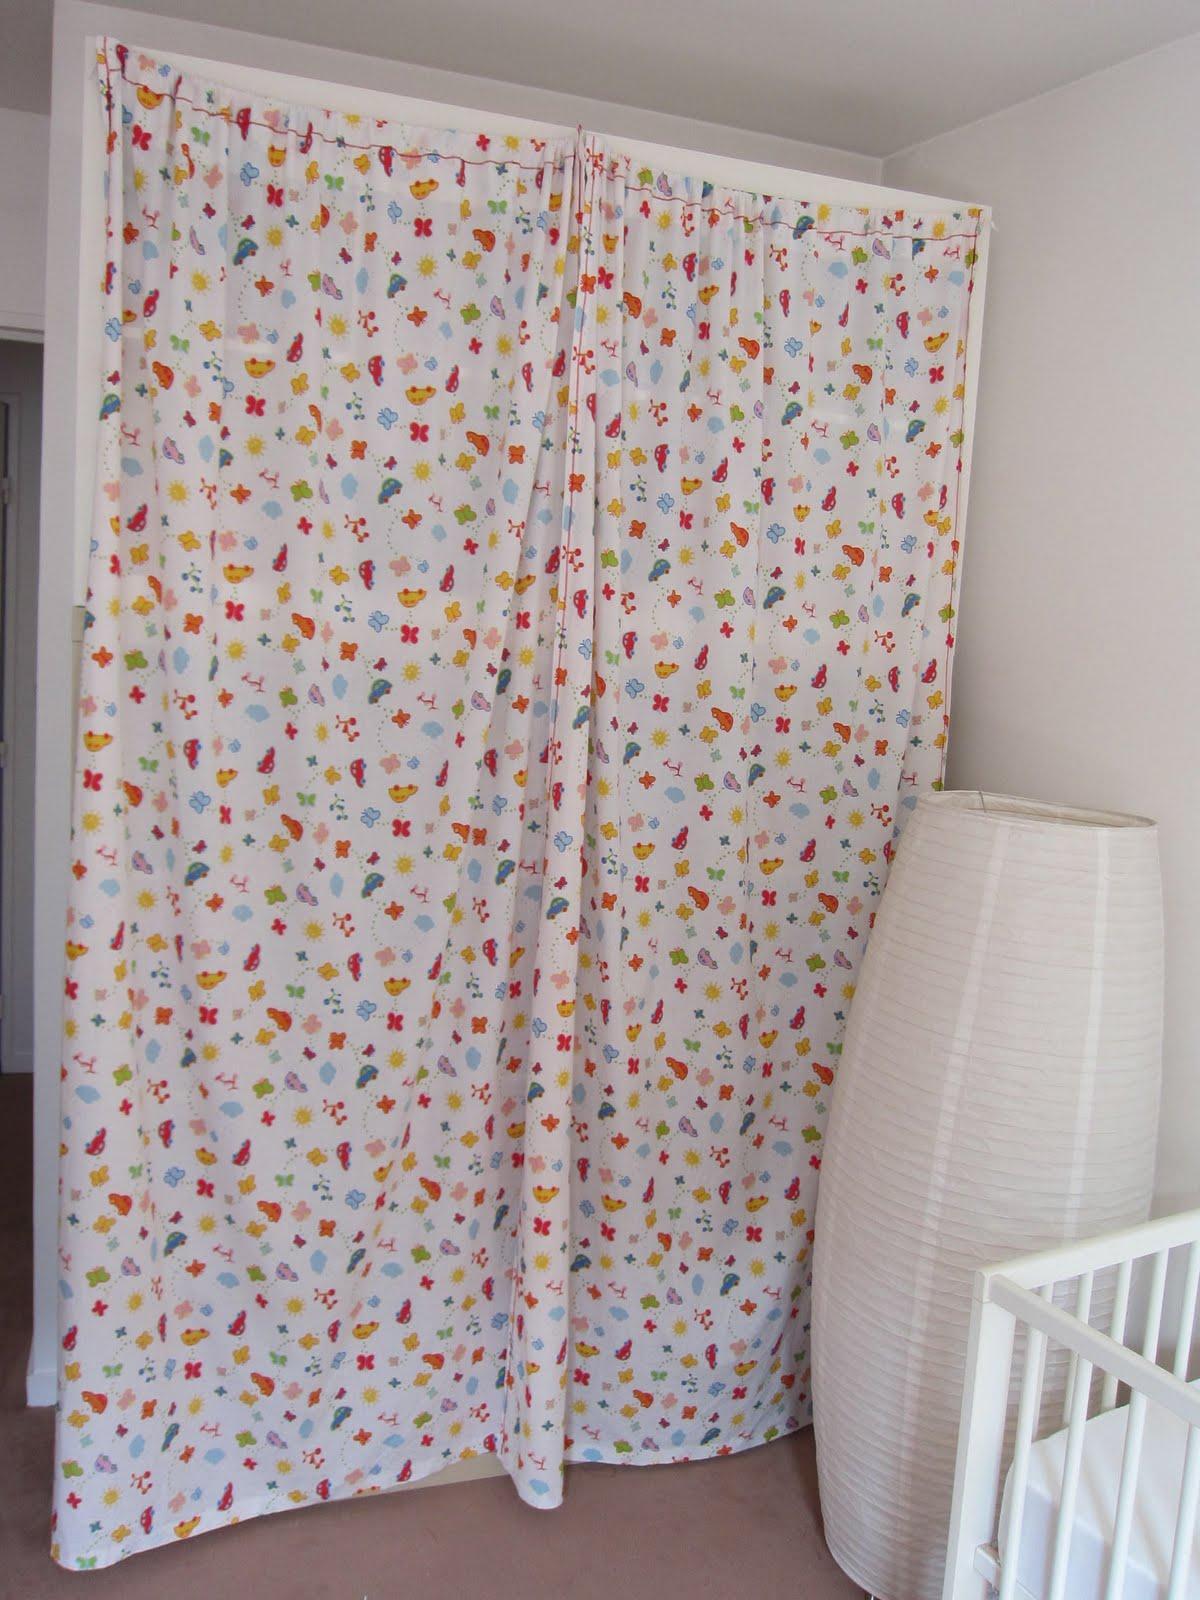 maman parisienne rideaux pour cacher la biblioth que expedit de la chambre de b b. Black Bedroom Furniture Sets. Home Design Ideas